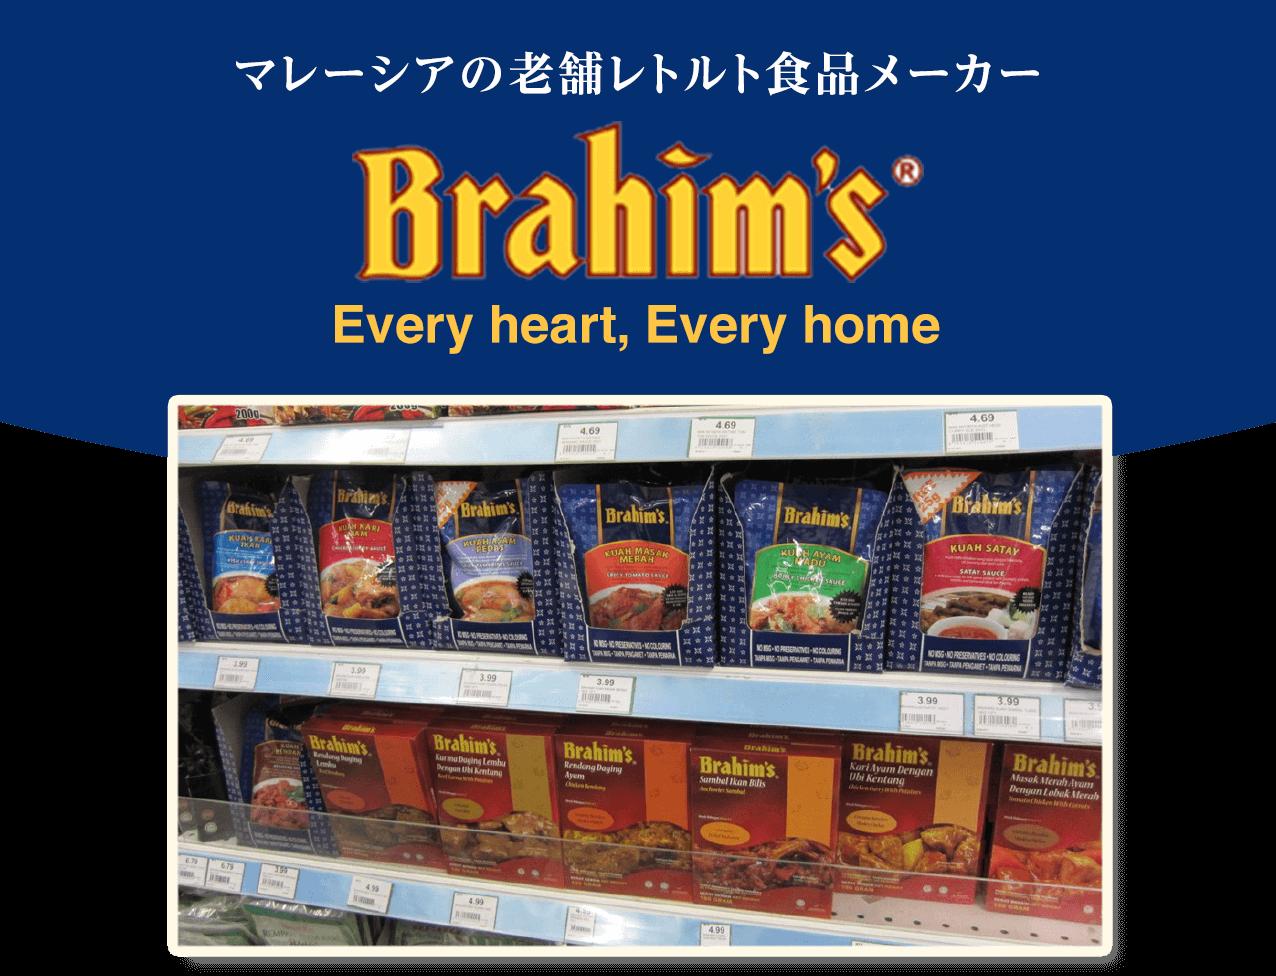 マレーシアの老舗レトルト食品メーカーBrahim's